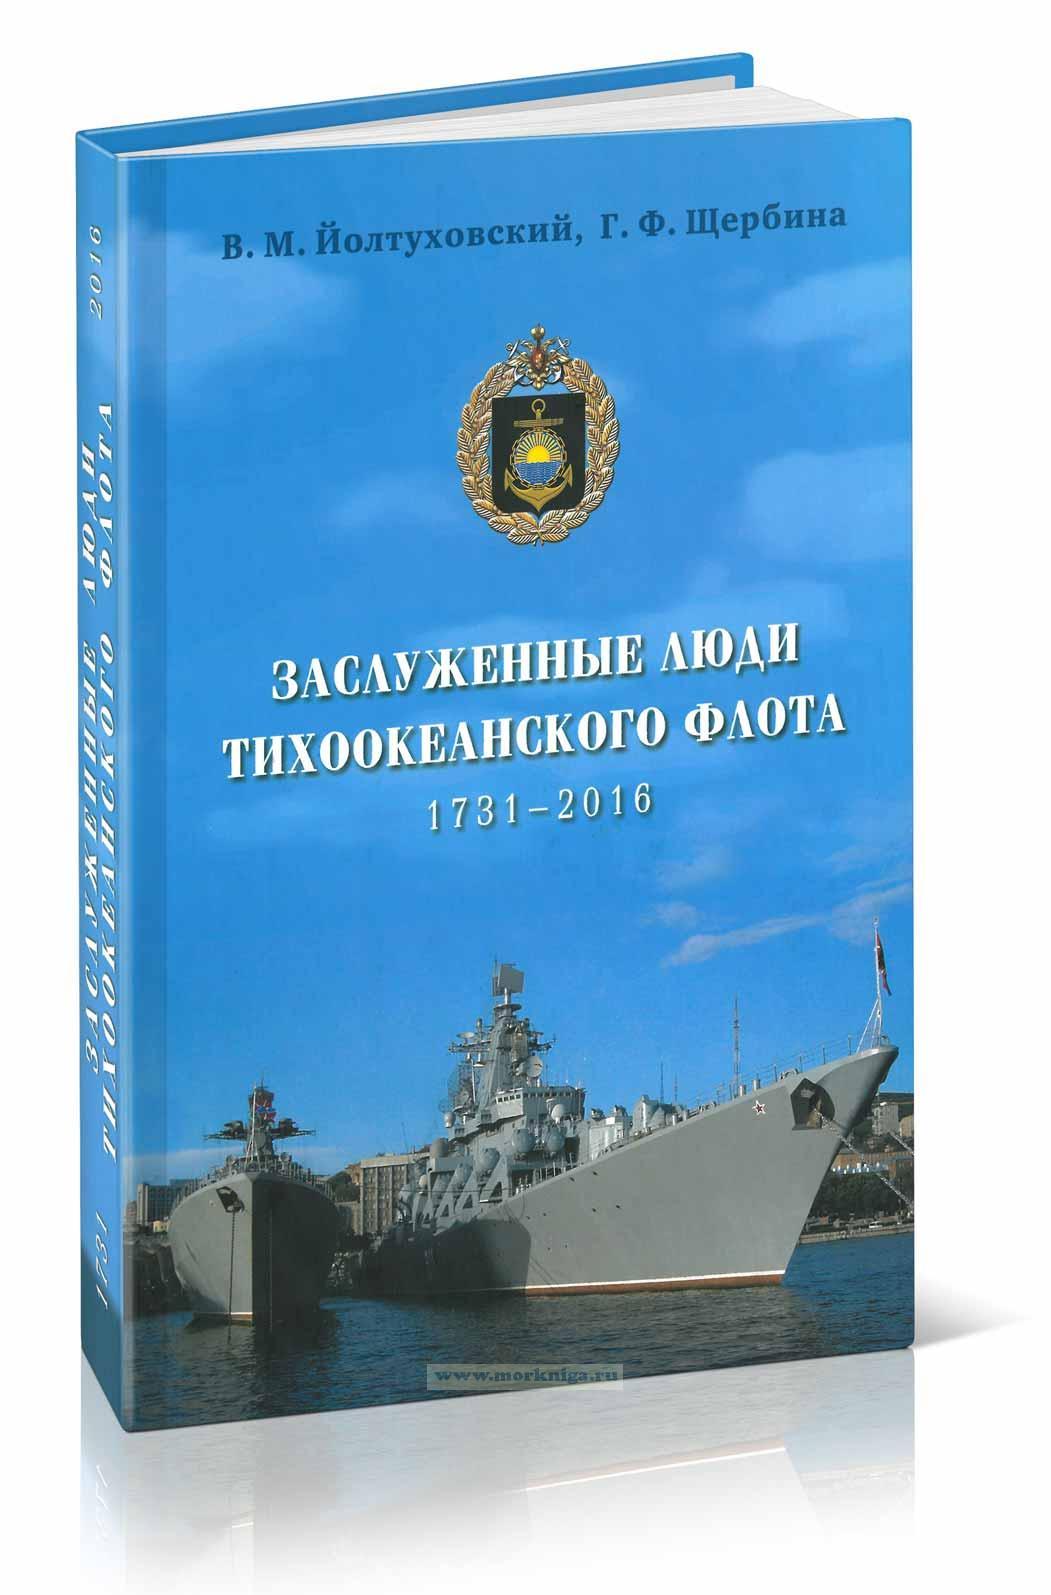 Заслуженные люди Тихоокеанского флота 1731-2016. Биографический справочник